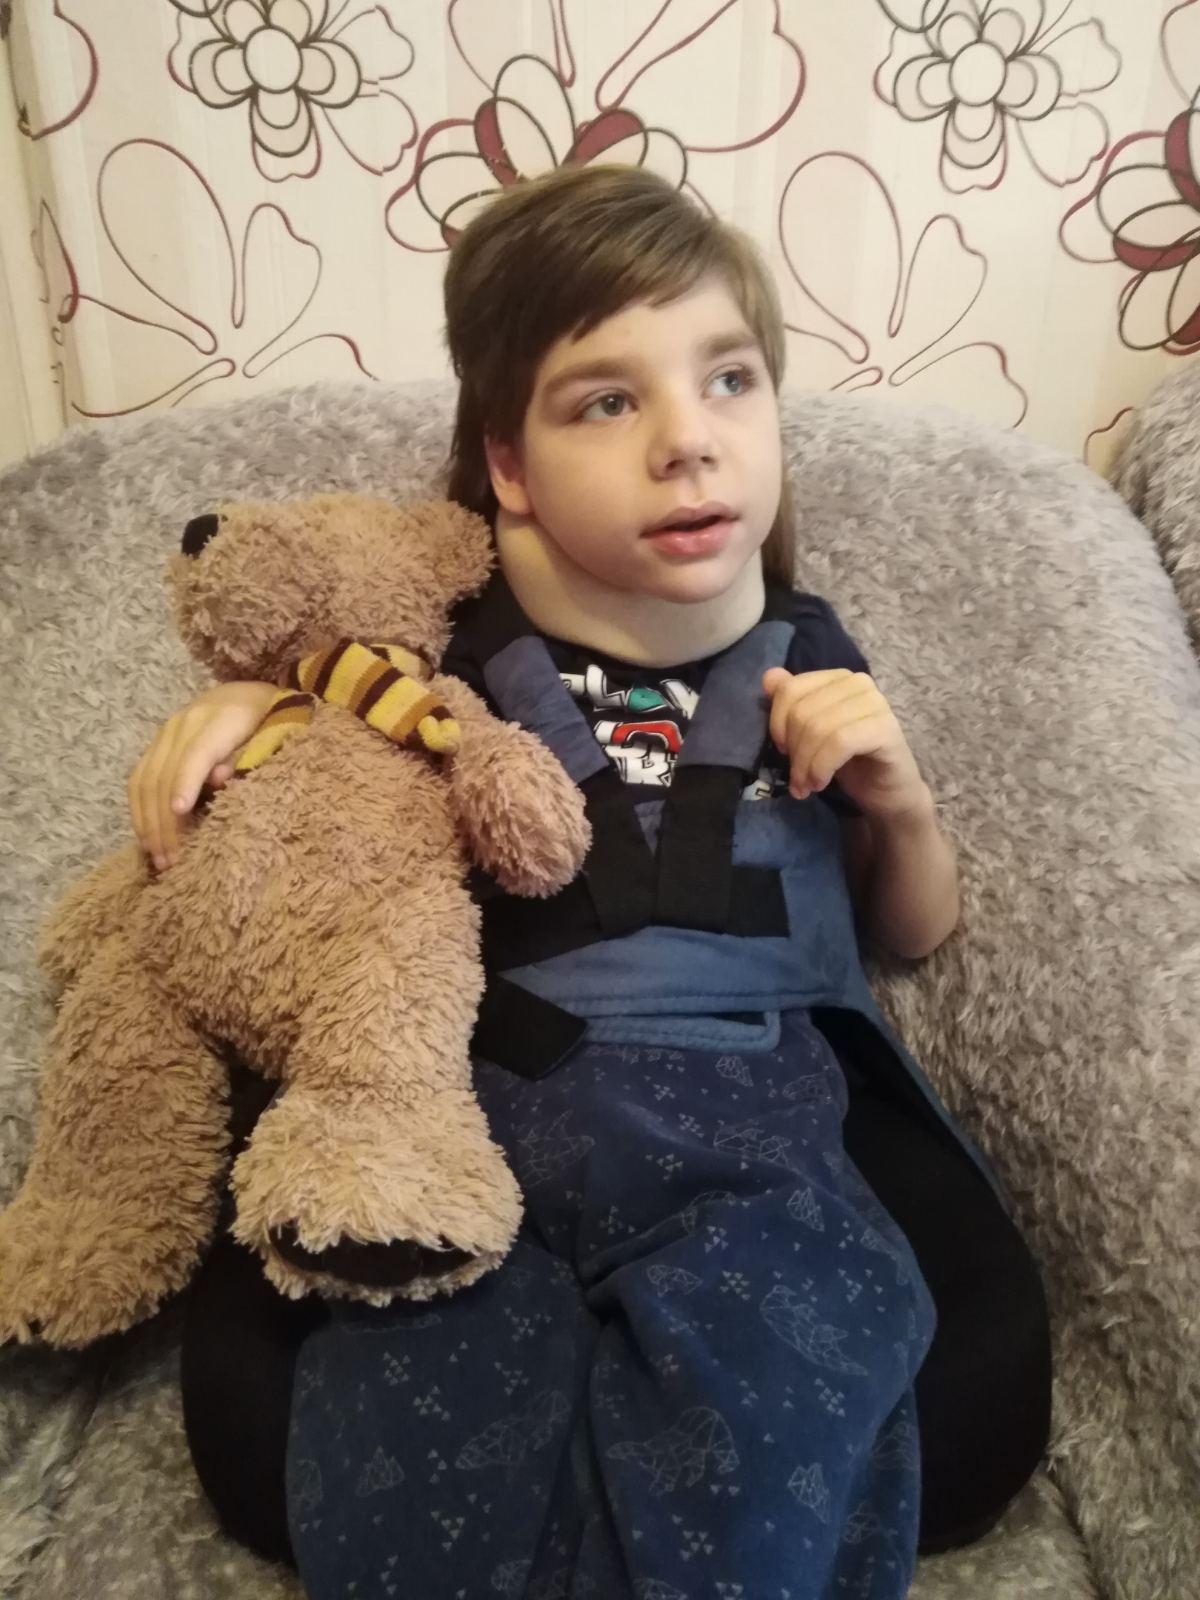 «7 лет не можем справиться с эпилепсией». Маленькому гродненцу нужны дорогостоящие обследования и коляска